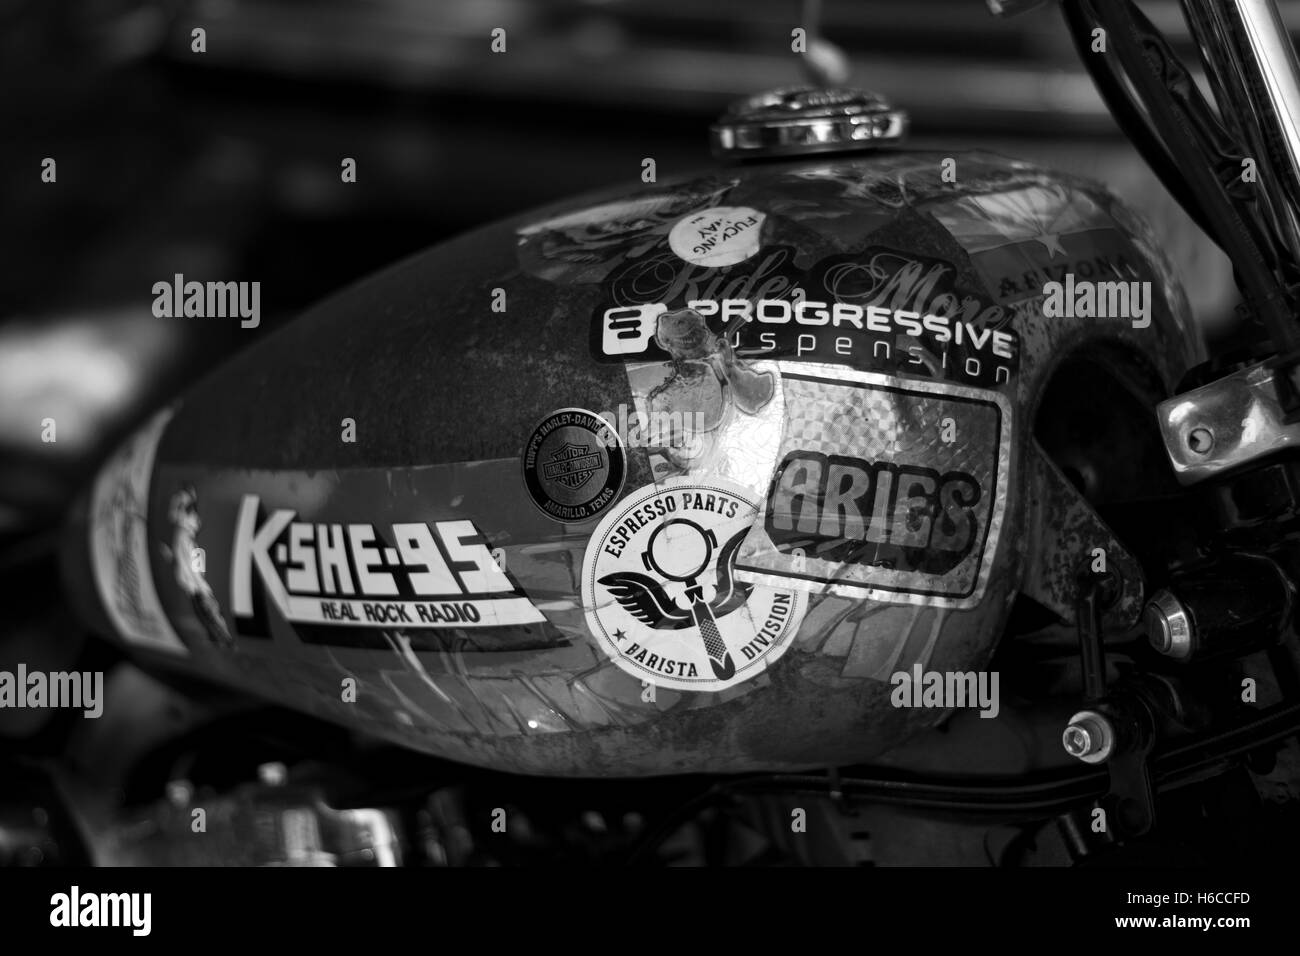 Depósito de motocicleta personalizada fuera de una tienda de café en Saint Louis, Missouri. Imagen De Stock